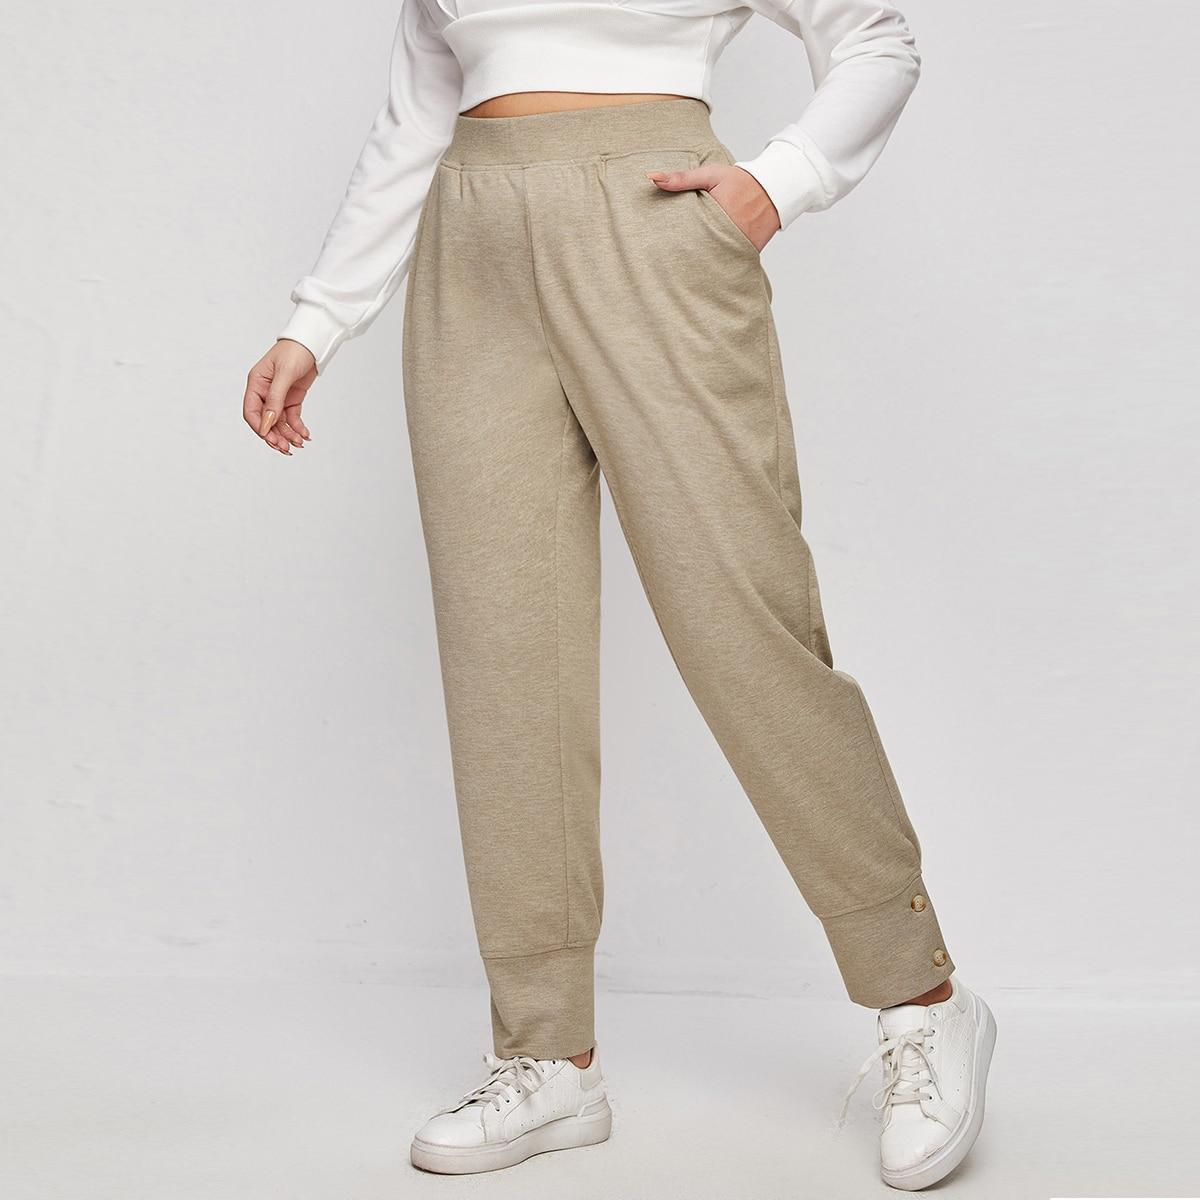 Спортивные брюки размера плюс с эластичной талией и пуговицами